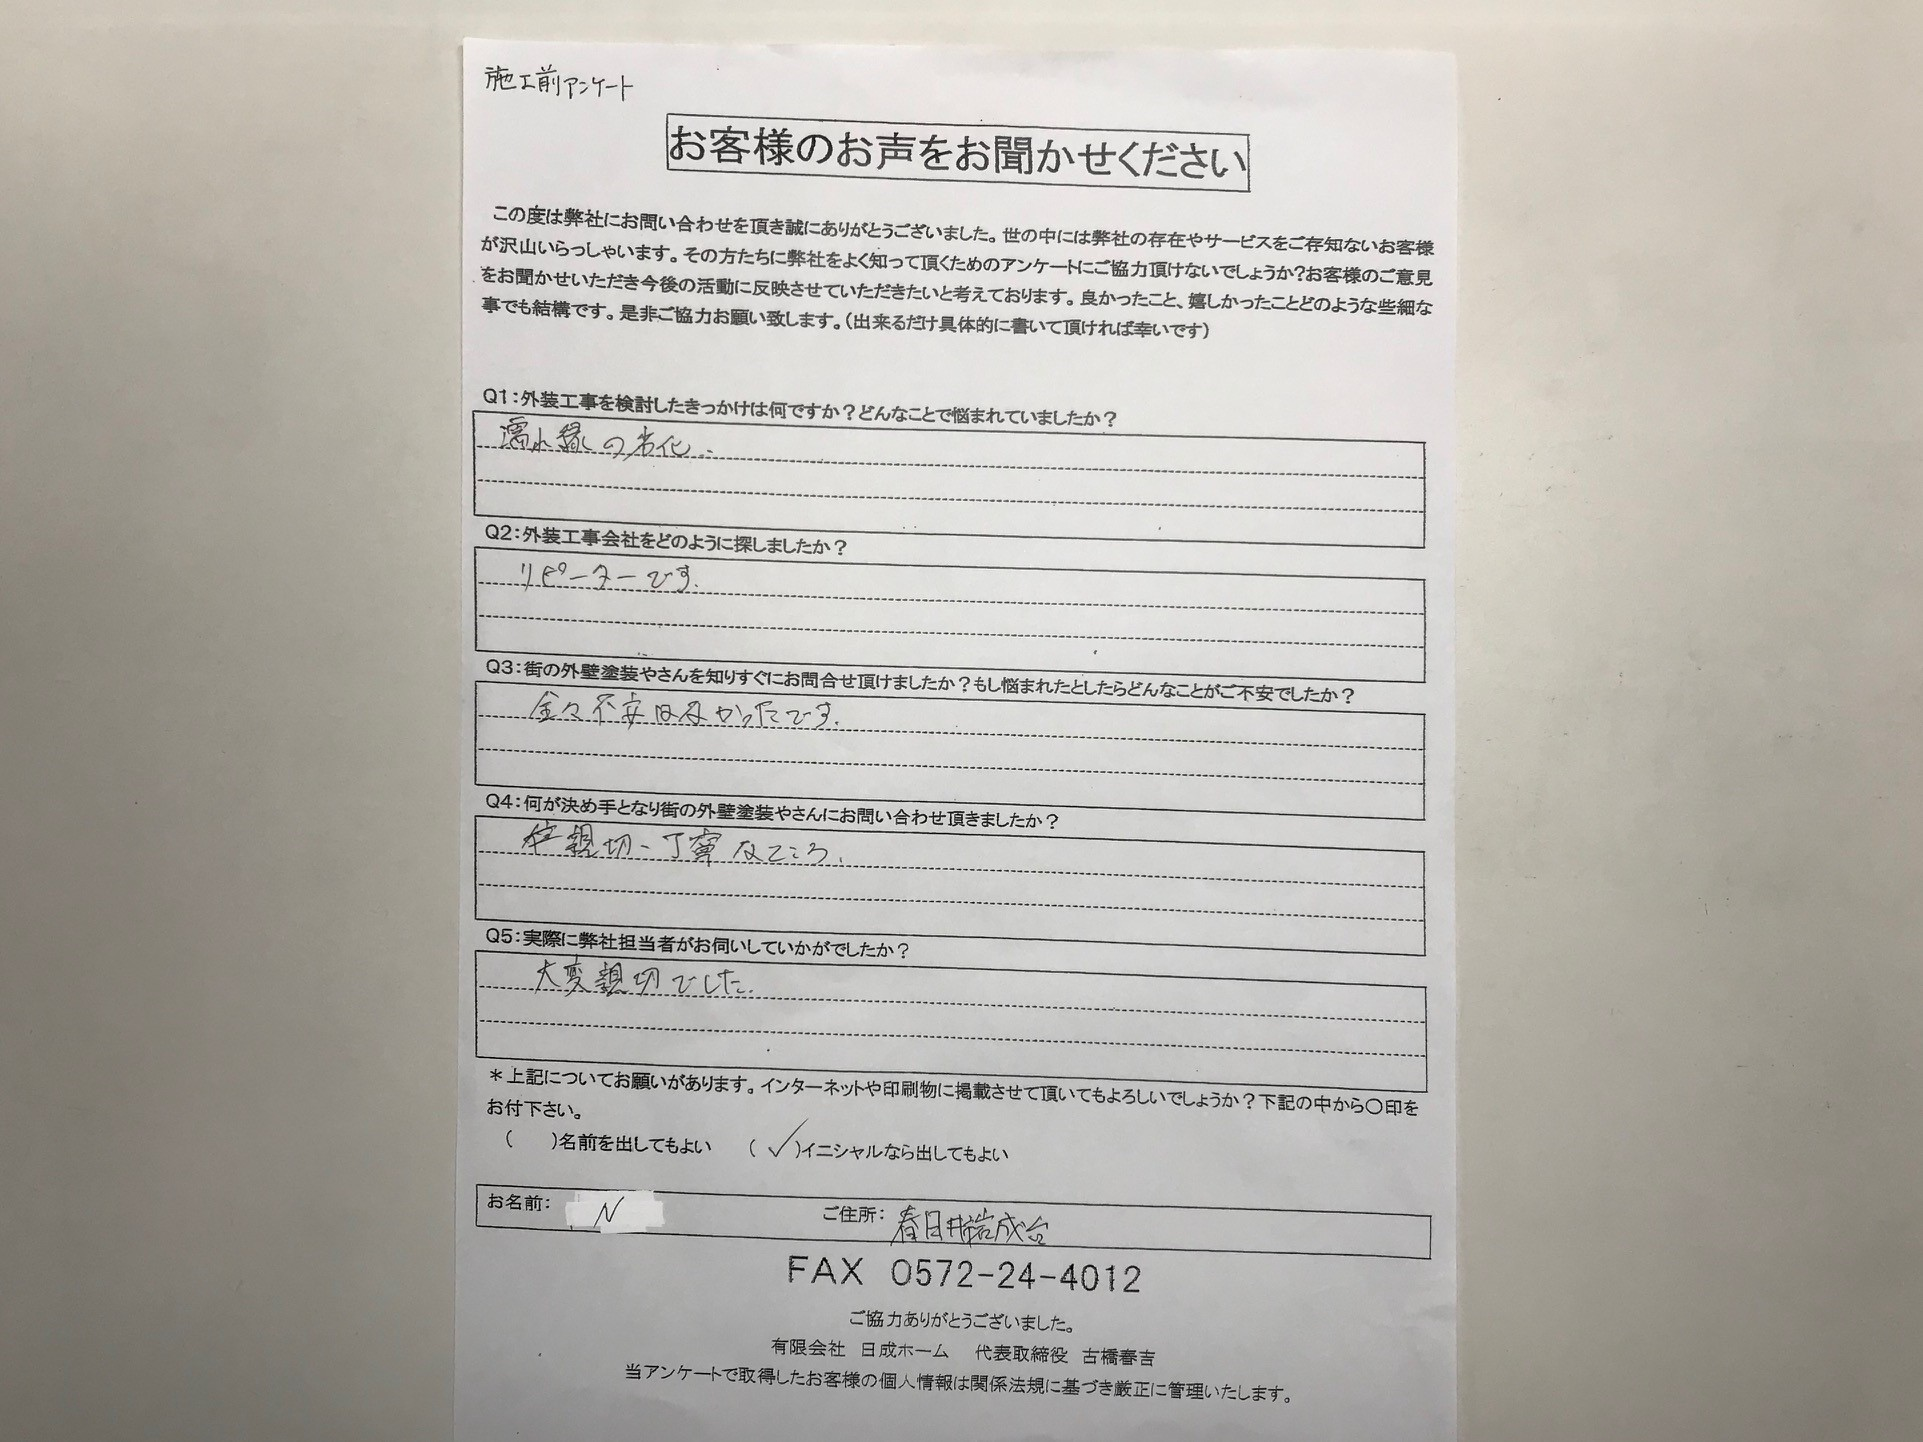 春日井市岩成台 外装工事